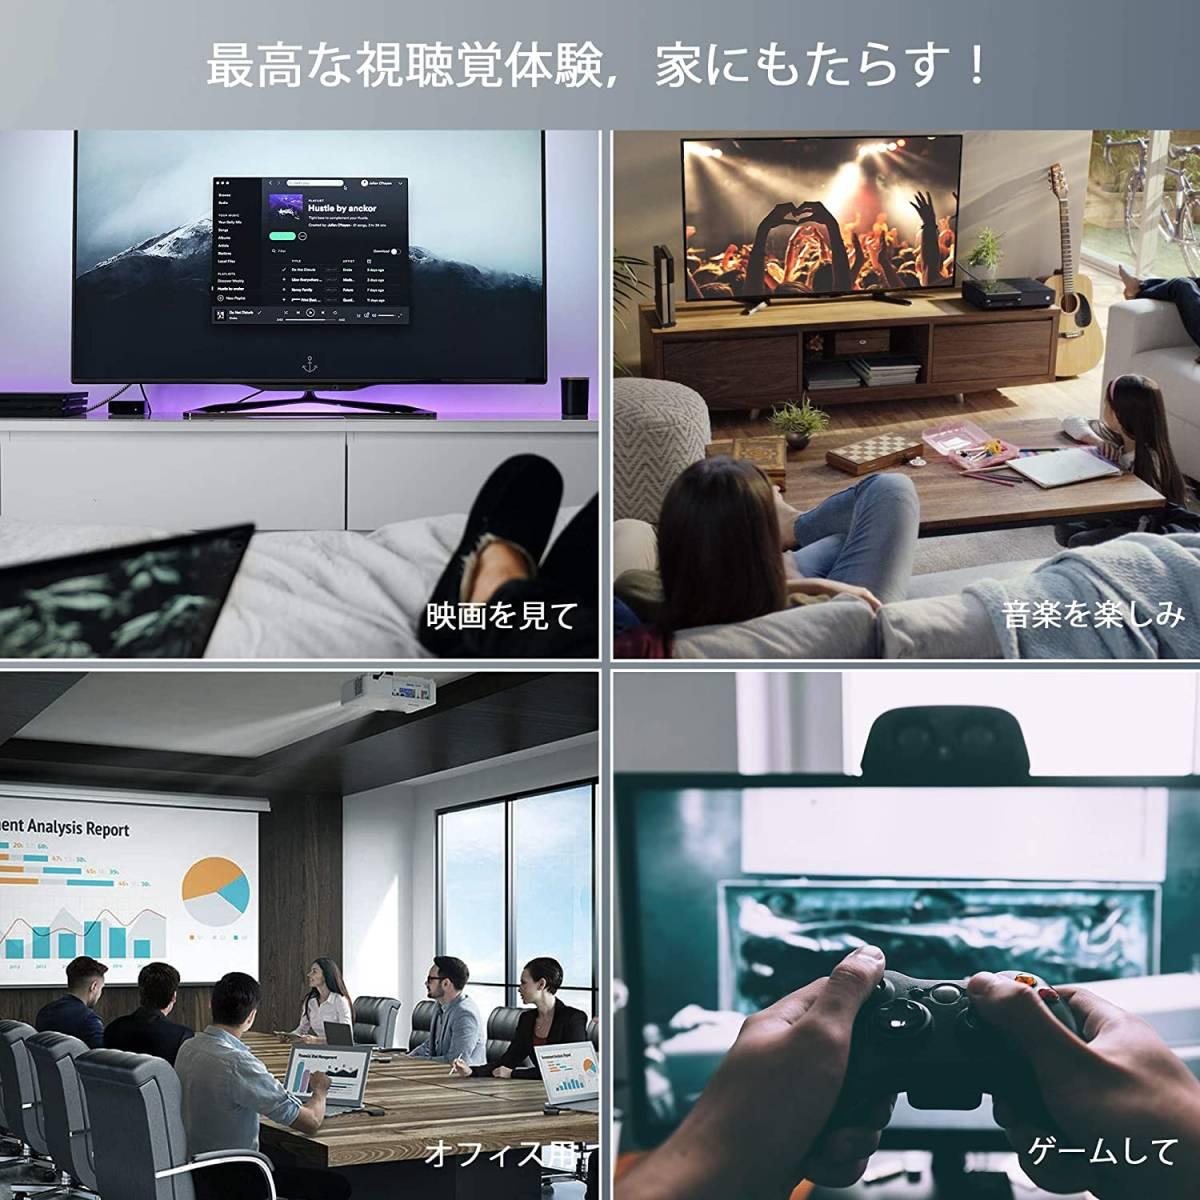 送料無料! HDMIケーブル 13 8K 48Gbps ハイスピード 1.8m hdmi 2.1 Cable 規格 8k@60Hz 3D HDR PS5 PS4 PS3 Switch Fire TV Apple TV対応